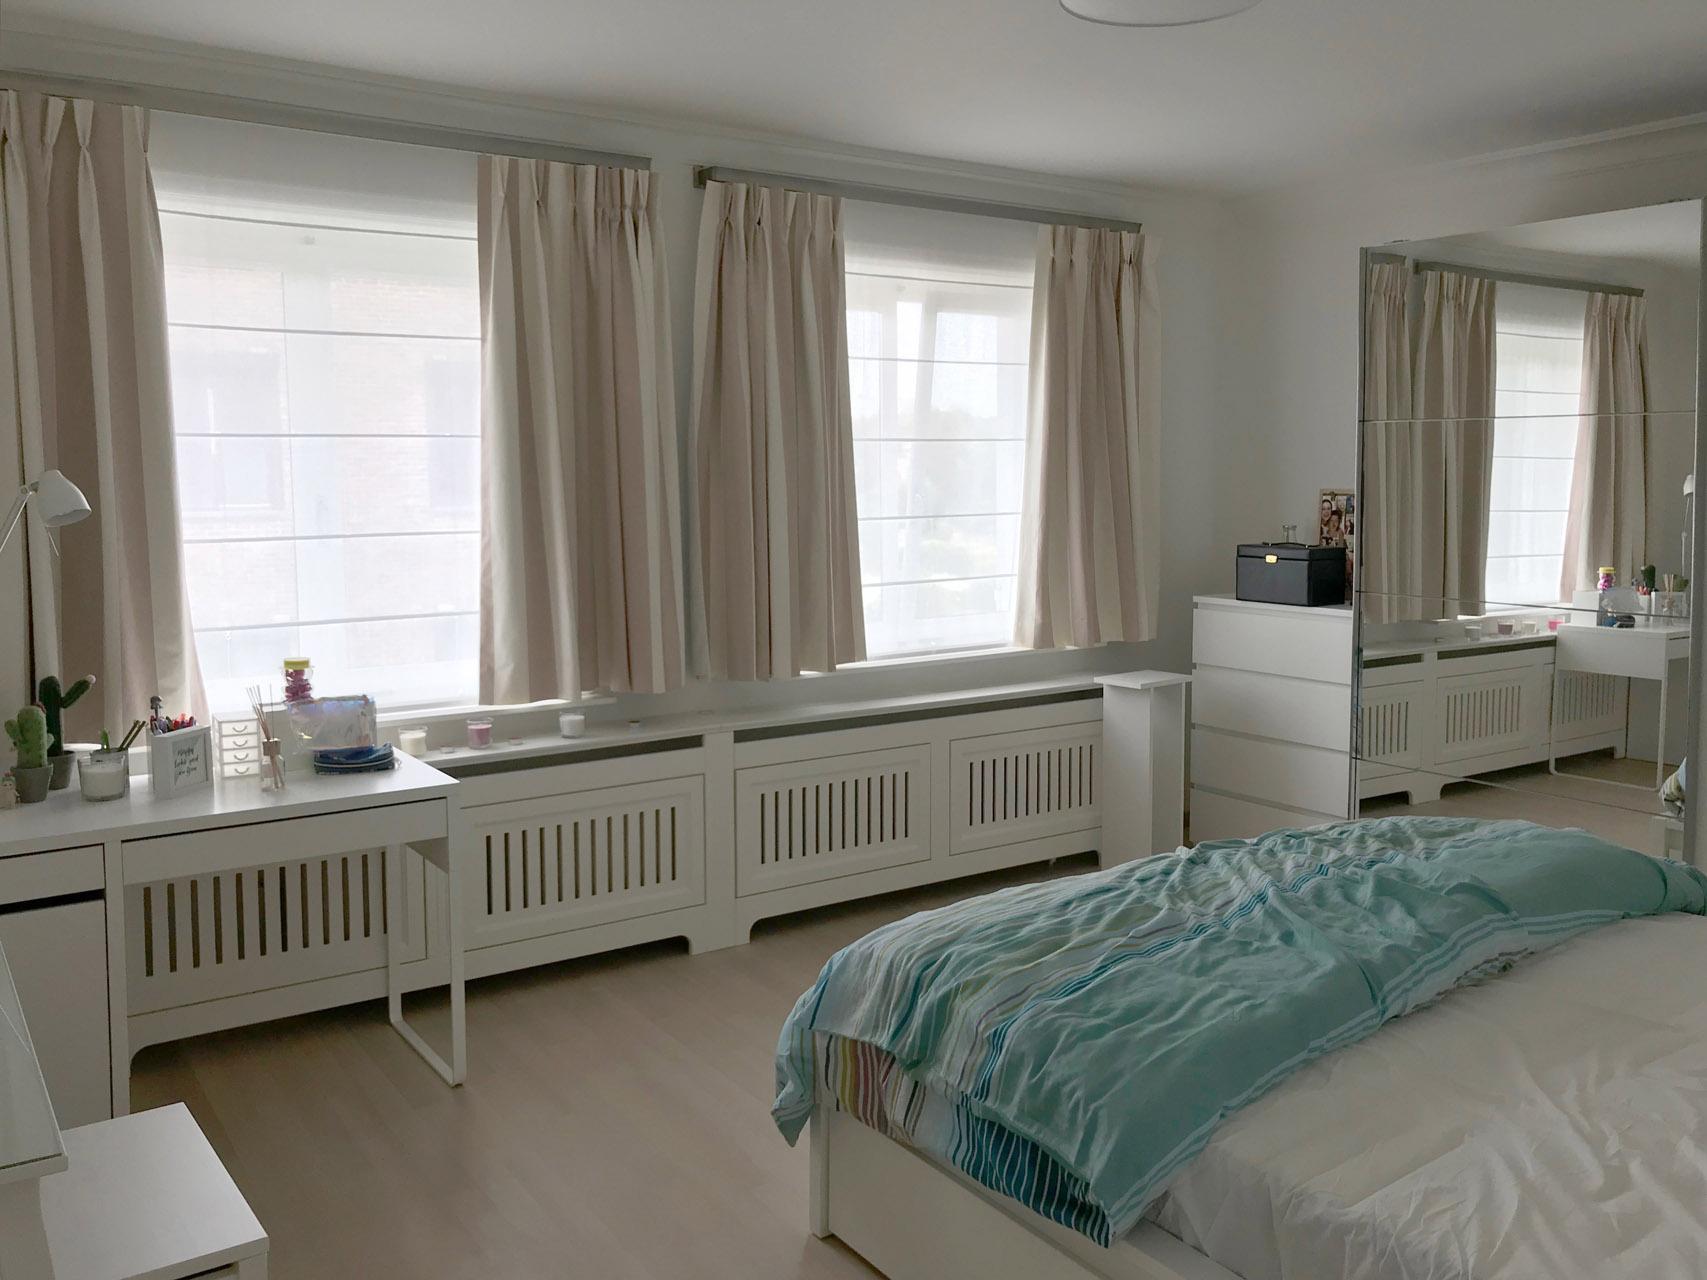 Schlafzimmer marcotte style - Schlafzimmer style ...